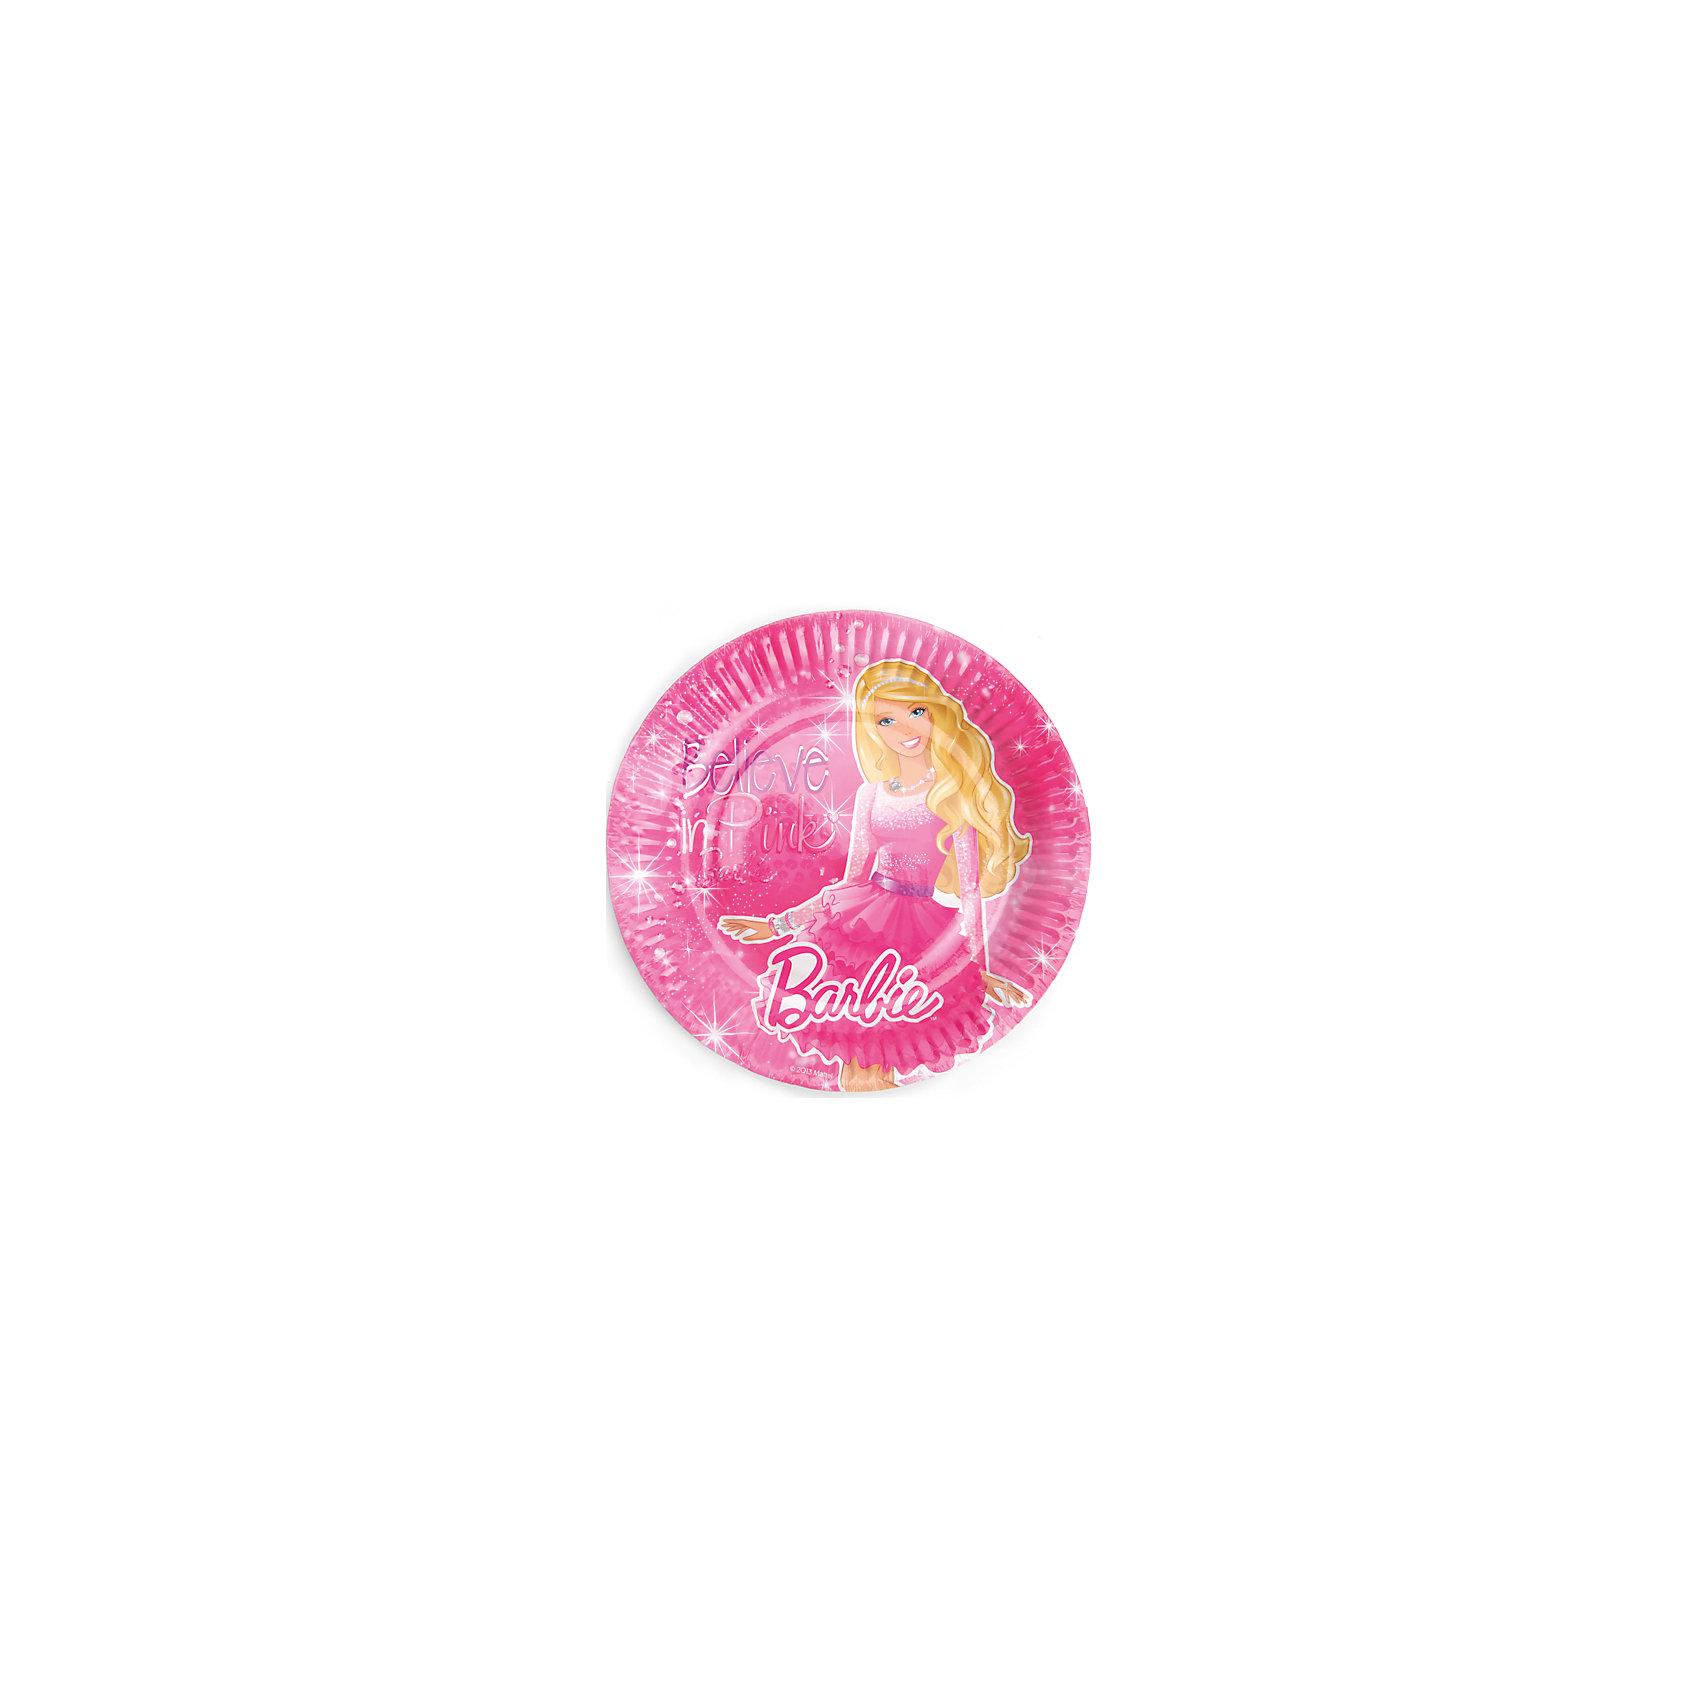 Набор из 6-и тарелок, BarbieНарядные и красивые тарелочки с Барби  одетой в пышную яркую юбку для вечеринок украсят своим изображением праздник. После использования тарелки можно просто выбросить в мусорное ведро или в костер. Они сделаны из бумаги и являются экологически чистым материалом.<br><br>Дополнительная информация:<br><br>- Материал: плотный картон.<br>- Комплект: 6 шт.<br>- Диаметр: 18 см.<br>- Размер упаковки: 20х26х2 см.<br>- Вес в упаковке: 70 г.<br><br>Купить набор из 6-и тарелок, Barbie,  можно в нашем магазине.<br><br>Ширина мм: 20<br>Глубина мм: 26<br>Высота мм: 2<br>Вес г: 70<br>Возраст от месяцев: 12<br>Возраст до месяцев: 2147483647<br>Пол: Женский<br>Возраст: Детский<br>SKU: 4797415